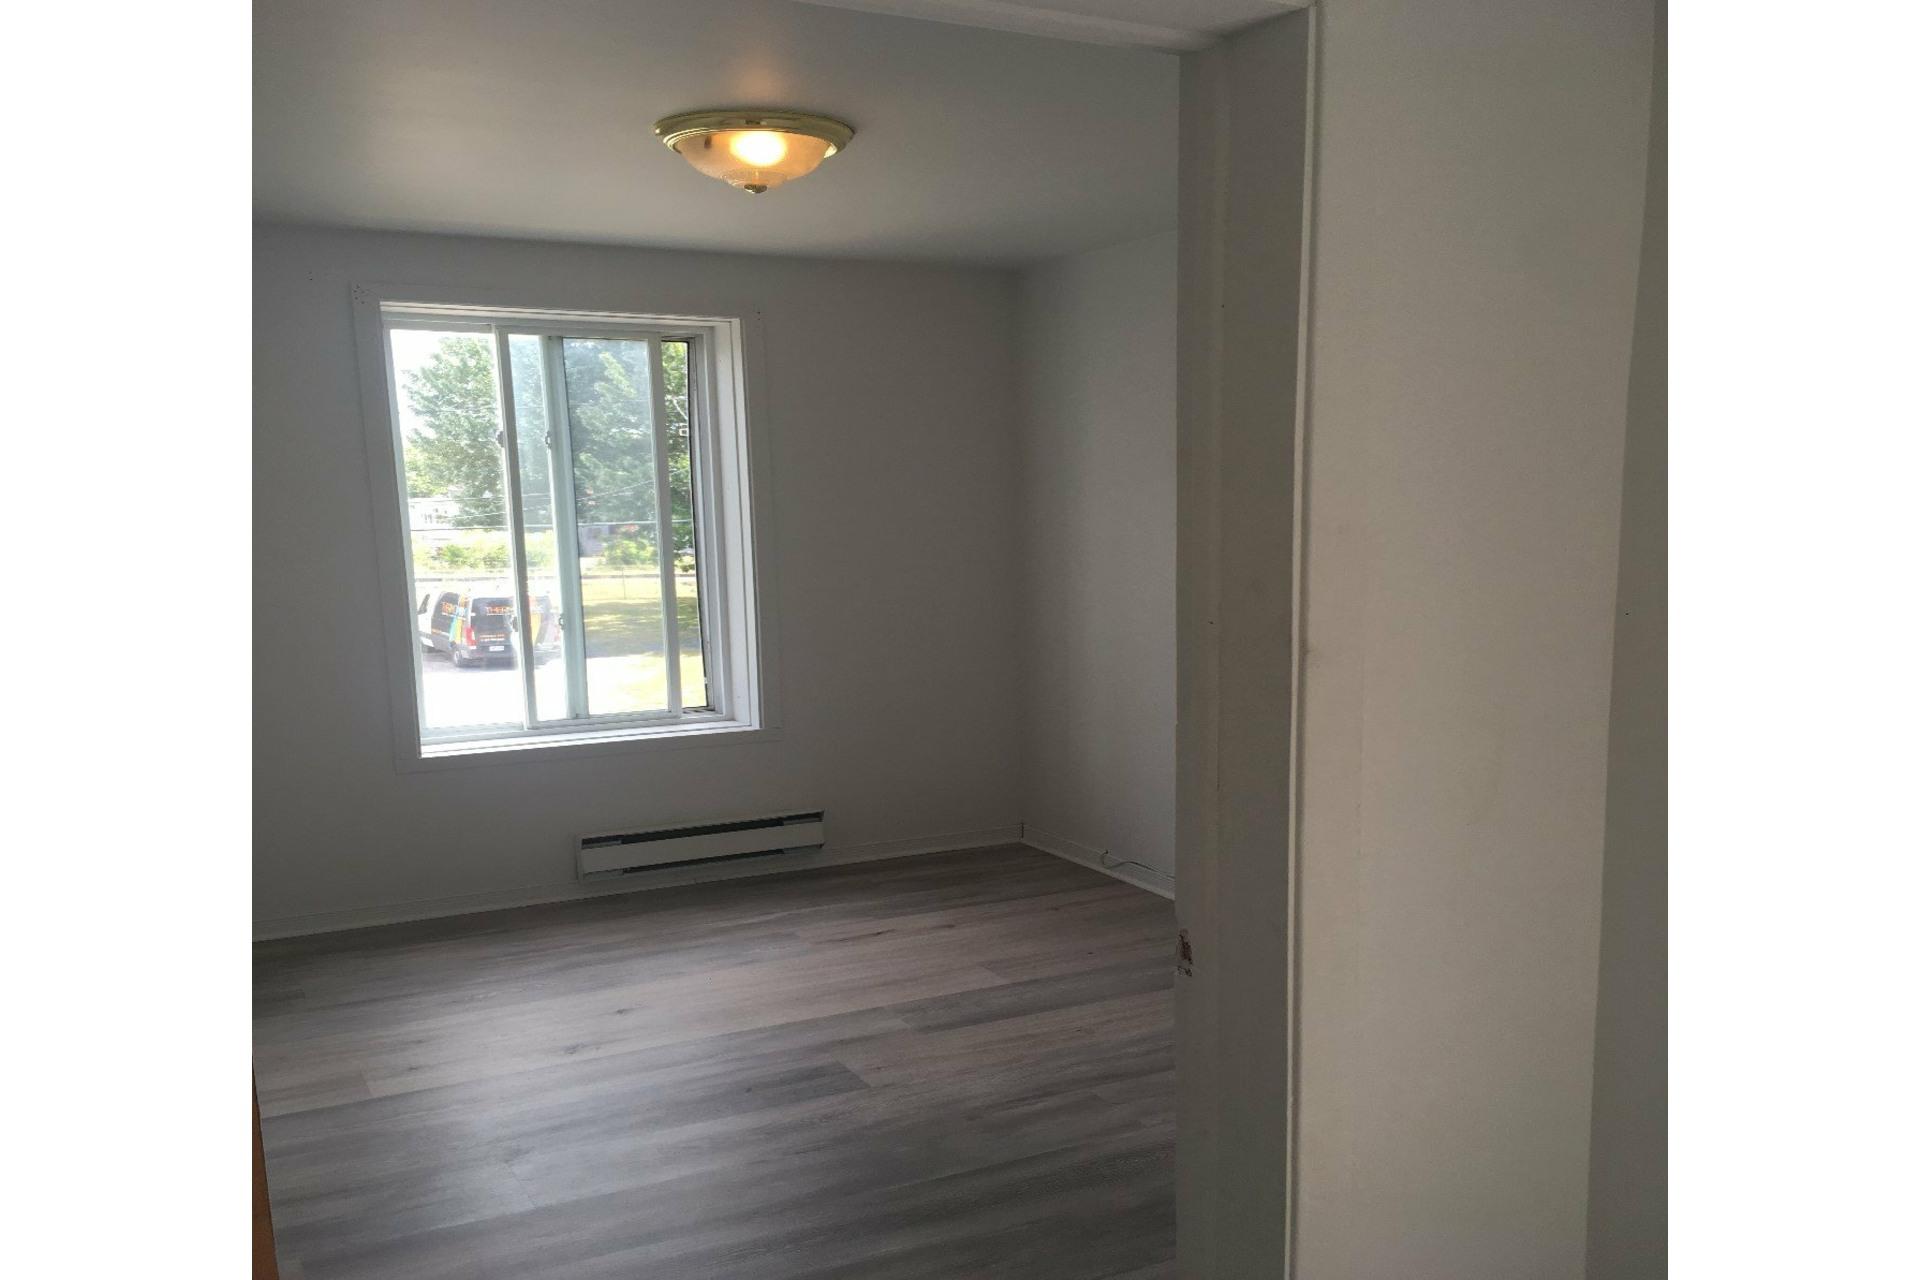 image 12 - Duplex For sale Joliette - 4 rooms